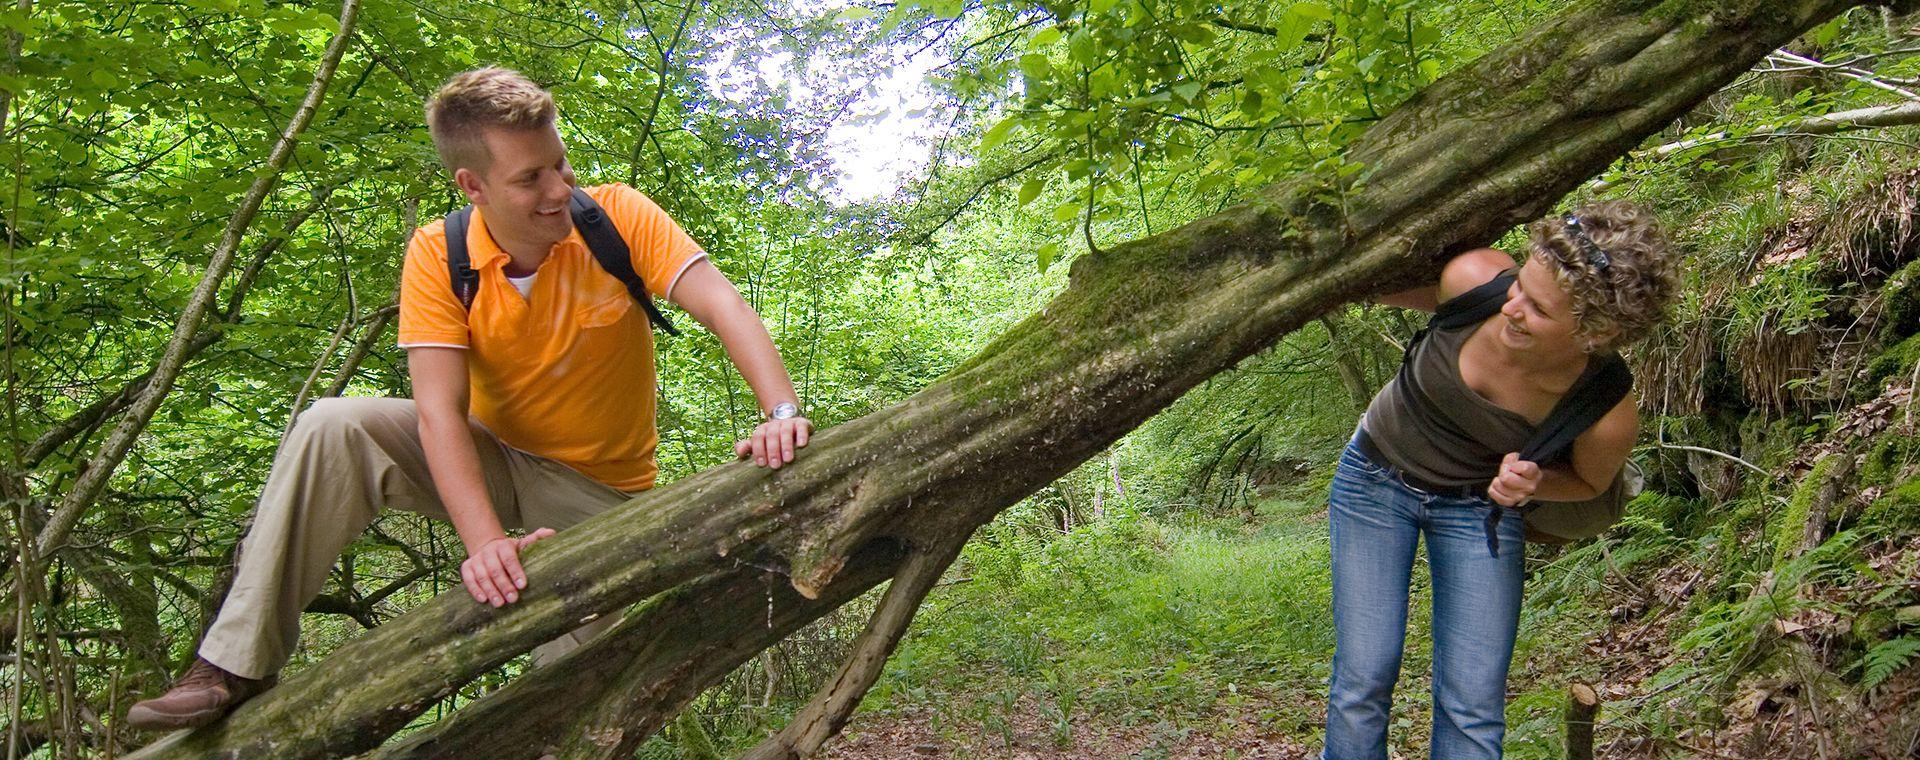 Wanderer klettern über einen umgefallenen Baum